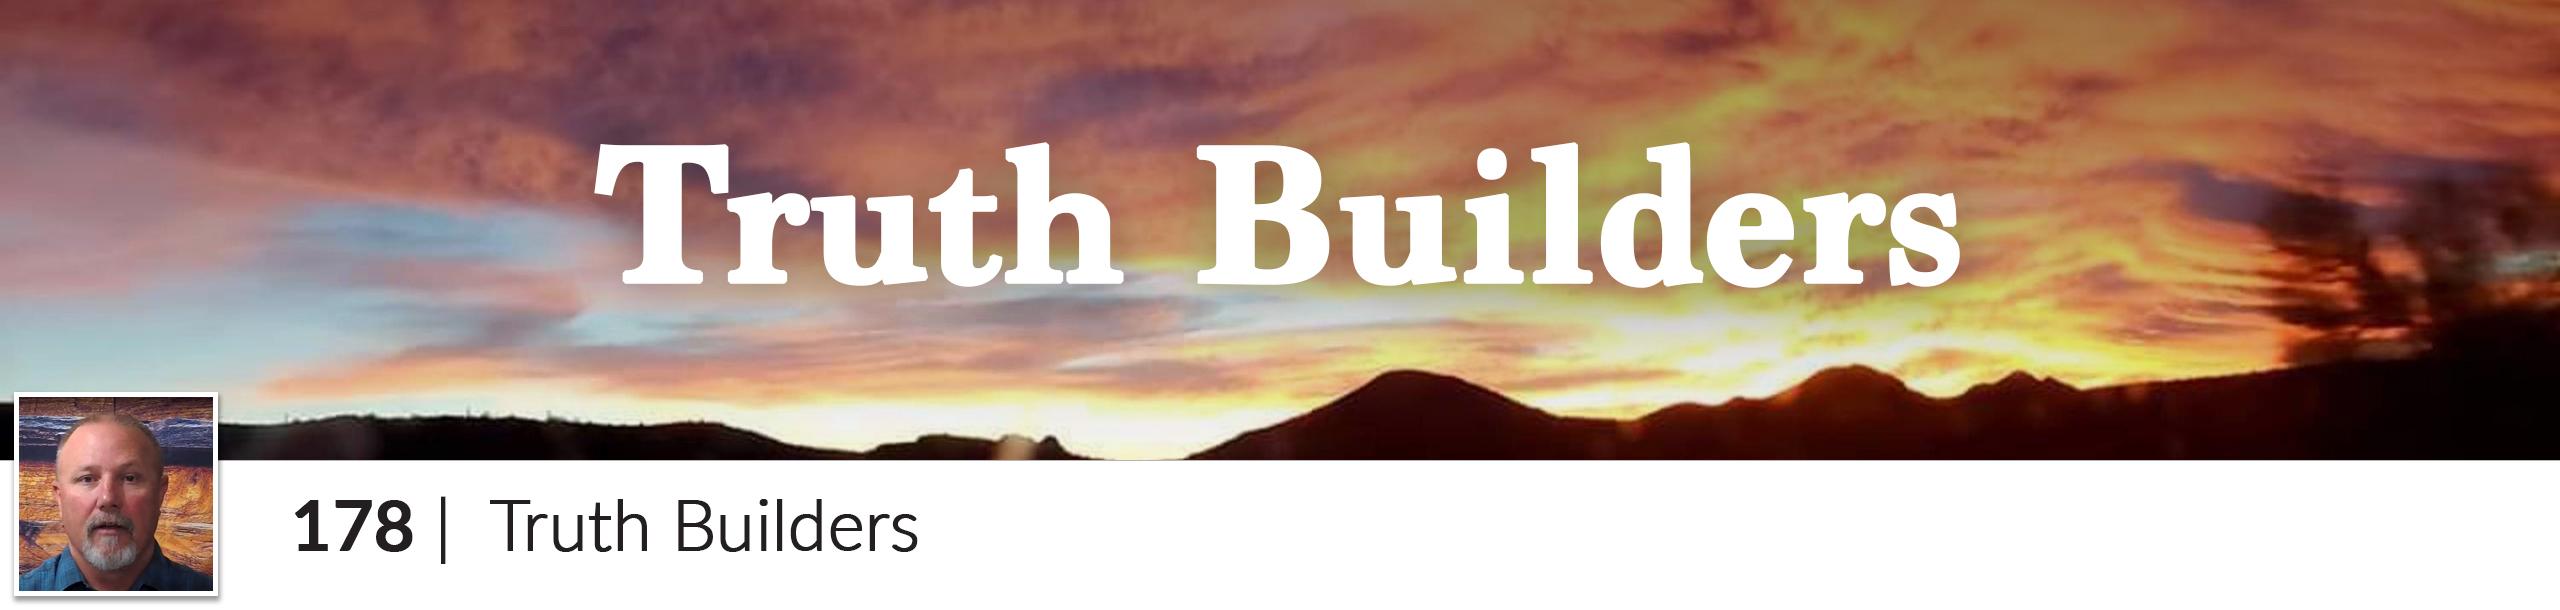 Truth_Builder-header01